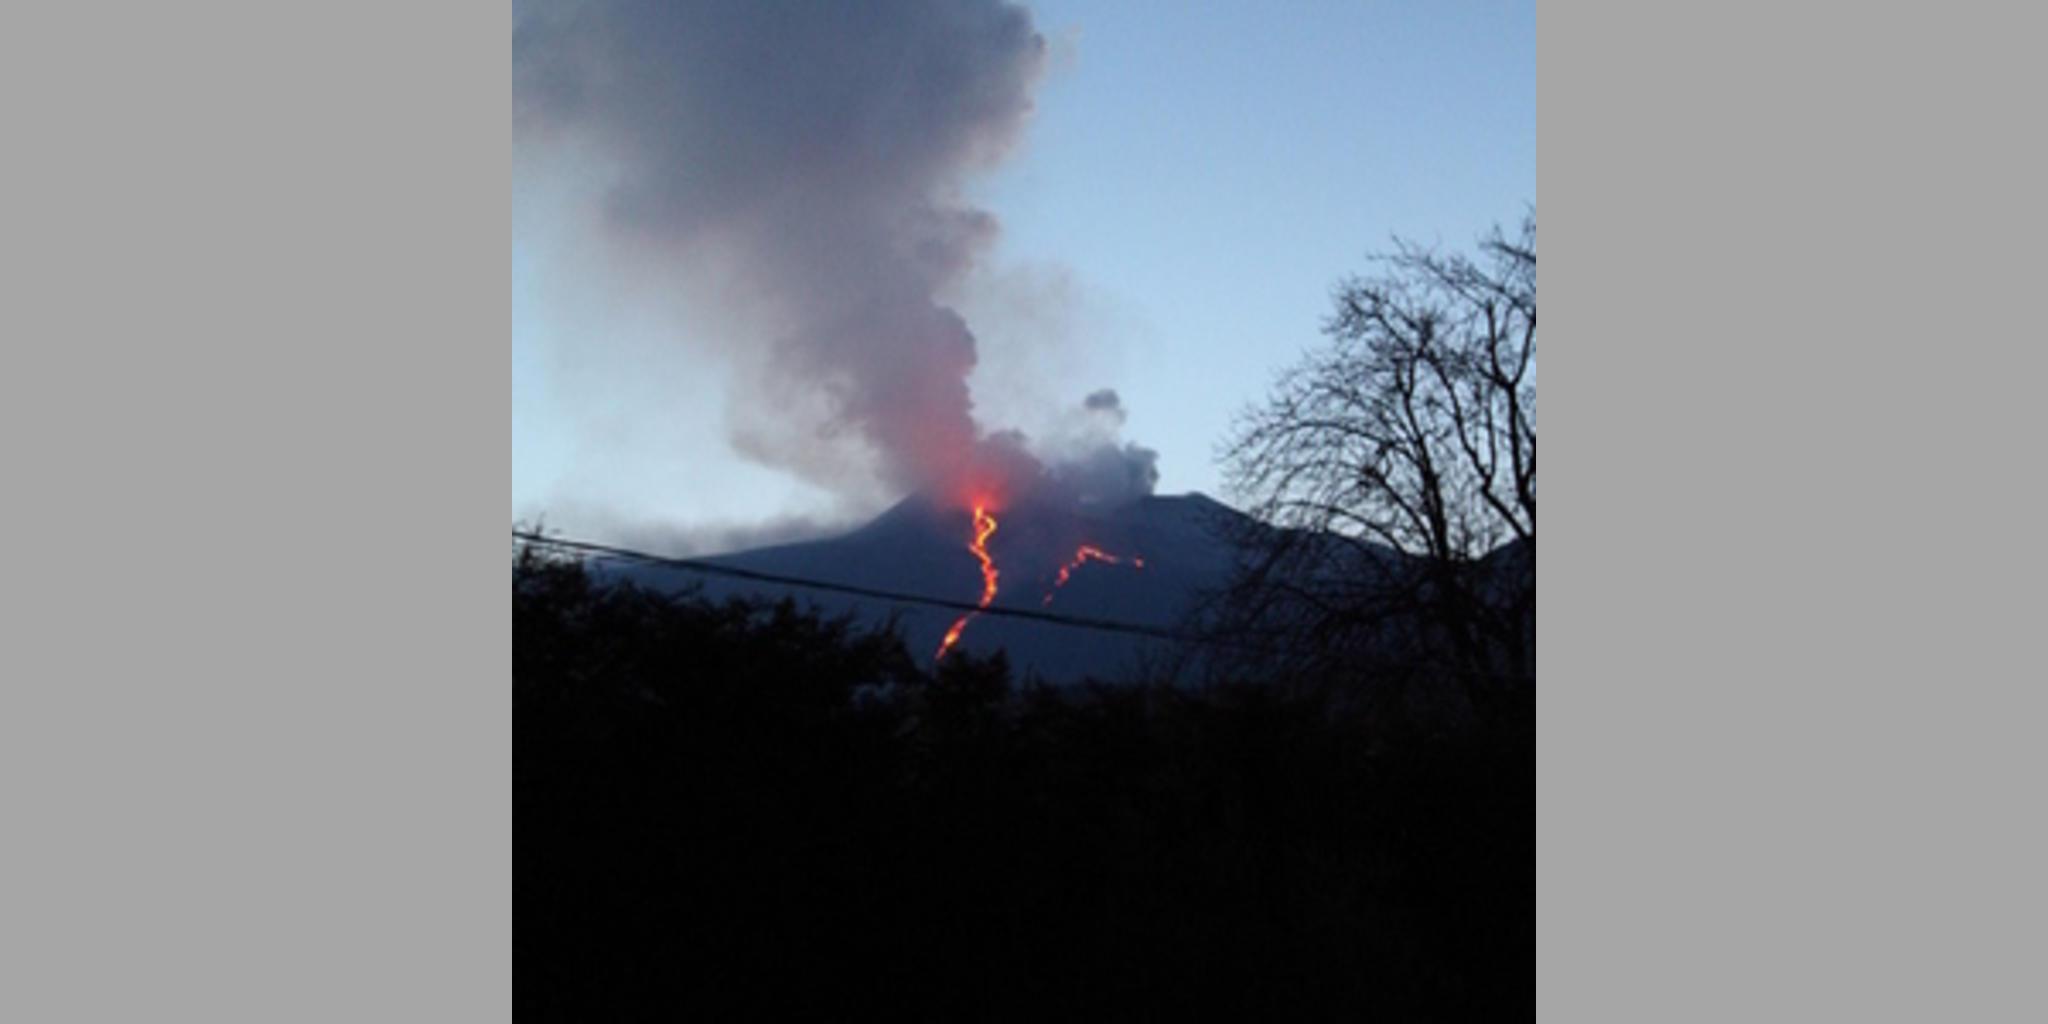 b_SX1930_20140826102105_vista_eruzione_dalla_terrazza_privata_sul_tetto.JPG